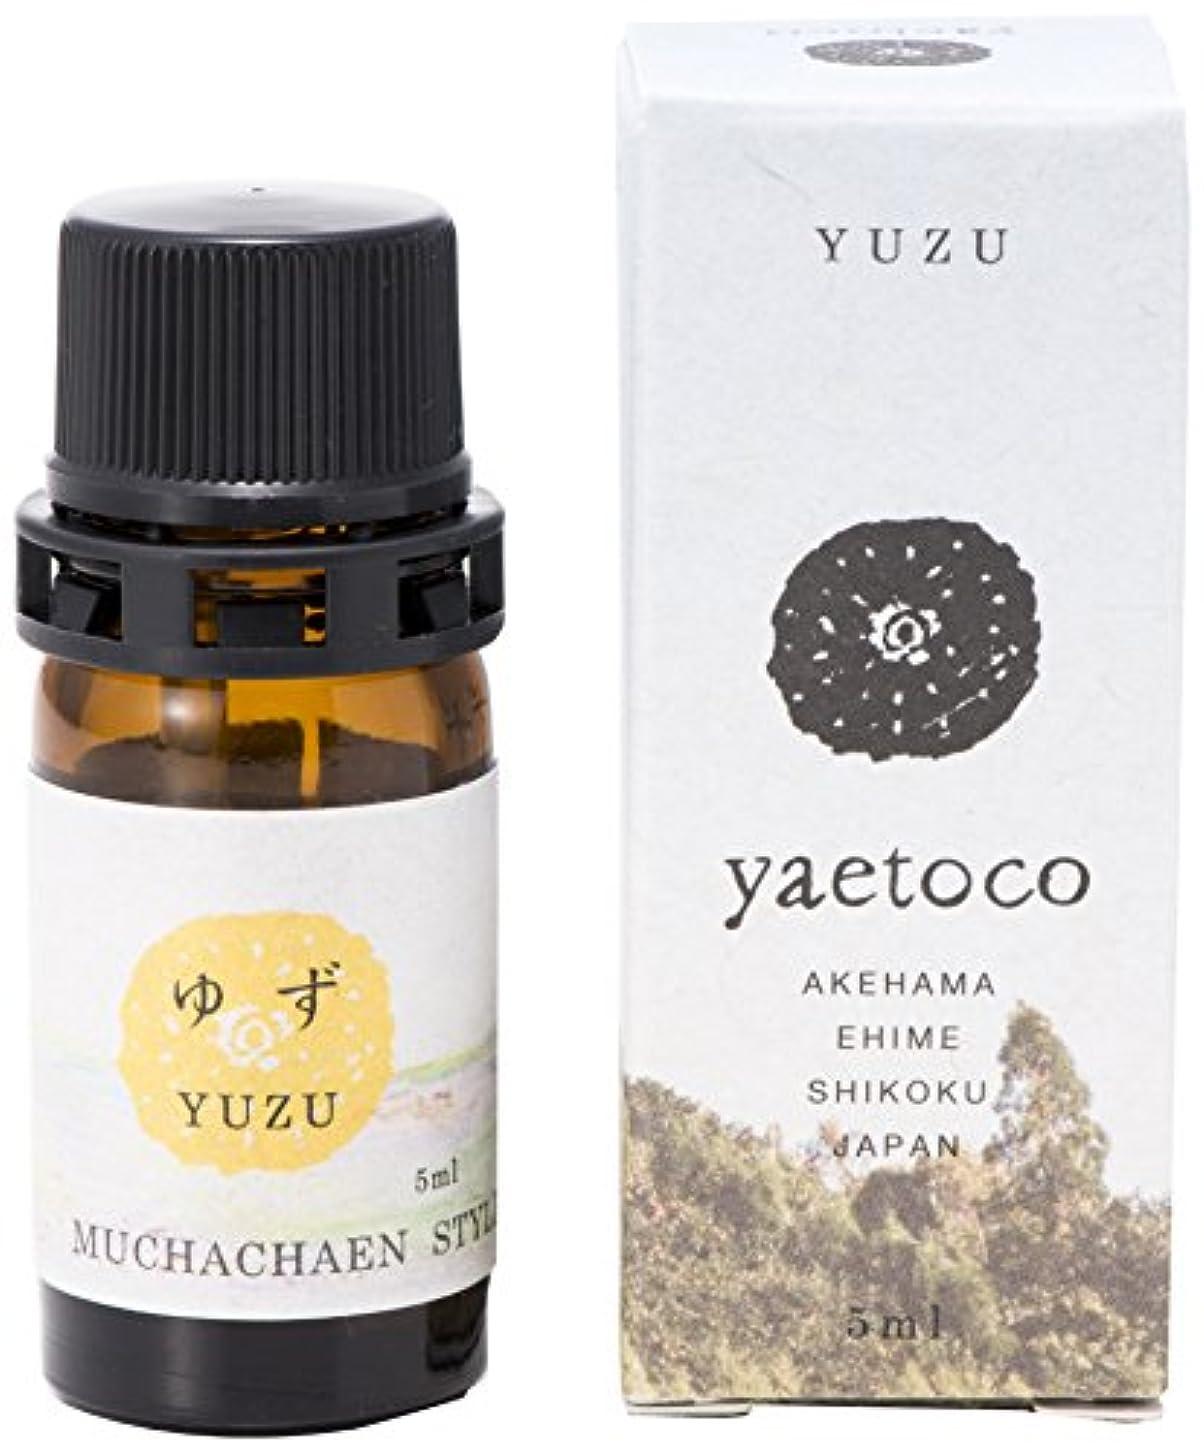 ウェイトレスシンプルさ虫を数えるyaetoco エッセンシャルオイル 柚子5ml